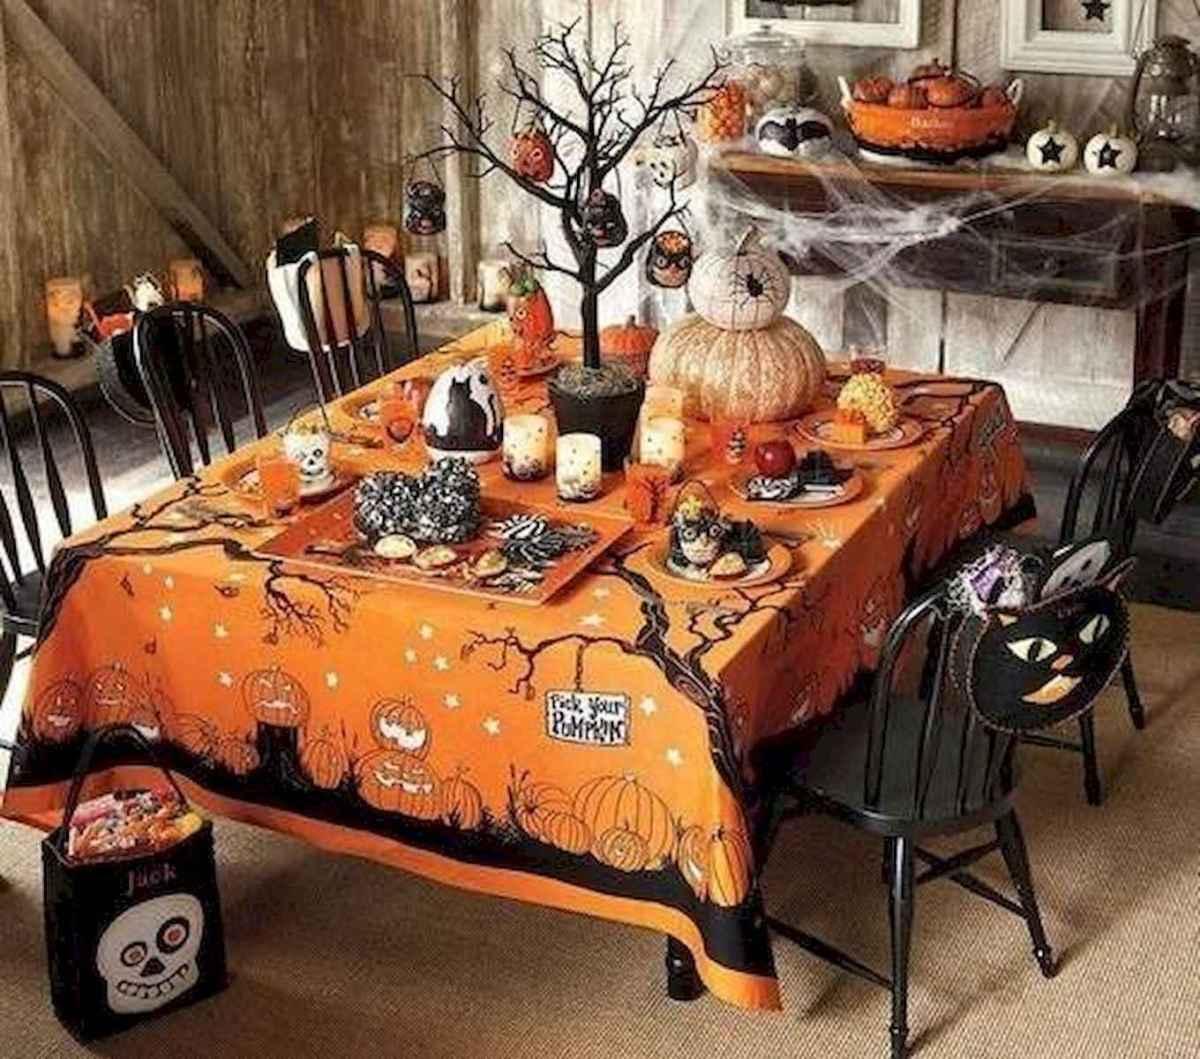 Living Room Halloween Decorations Indoor.25 Creative Indoor Halloween Decorations Ideas 24